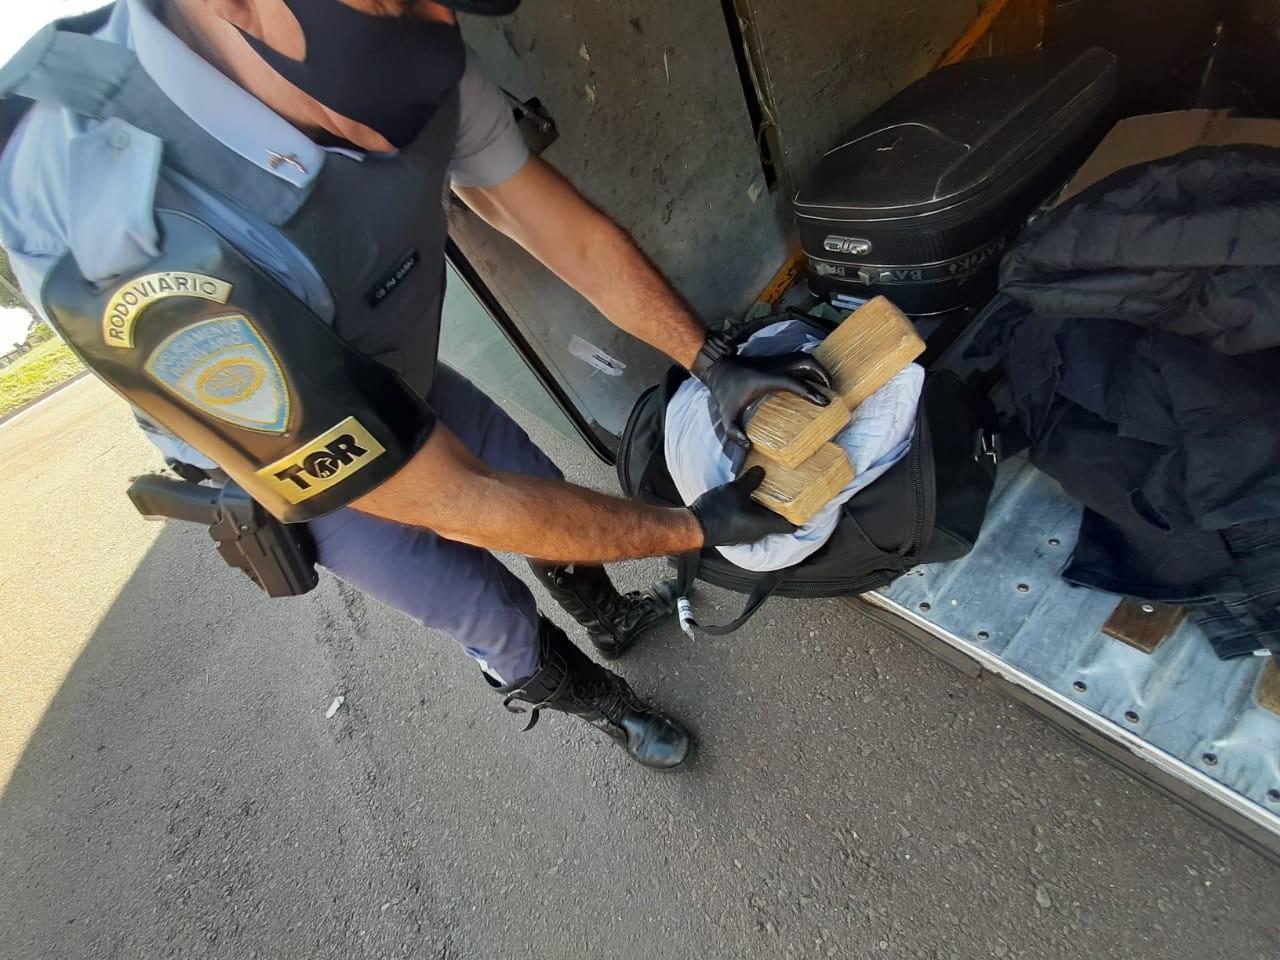 Operação prende casal por transportar tabletes de crack dentro de mala em Presidente Venceslau